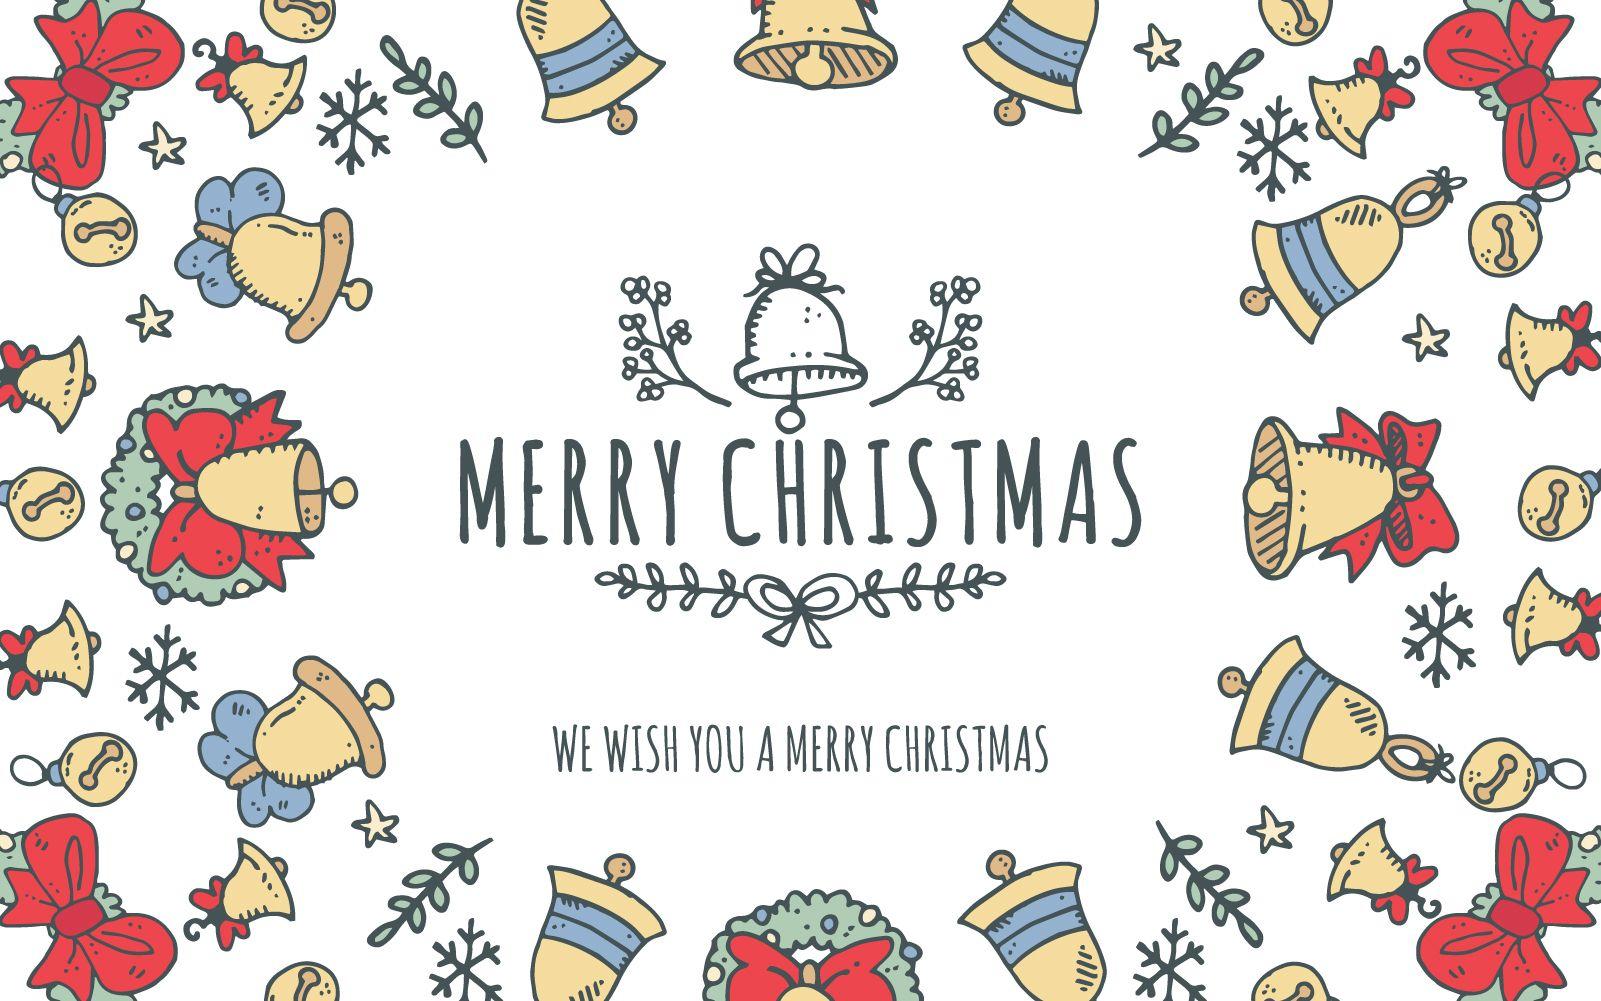 Lovely Merry Christmas frame editor